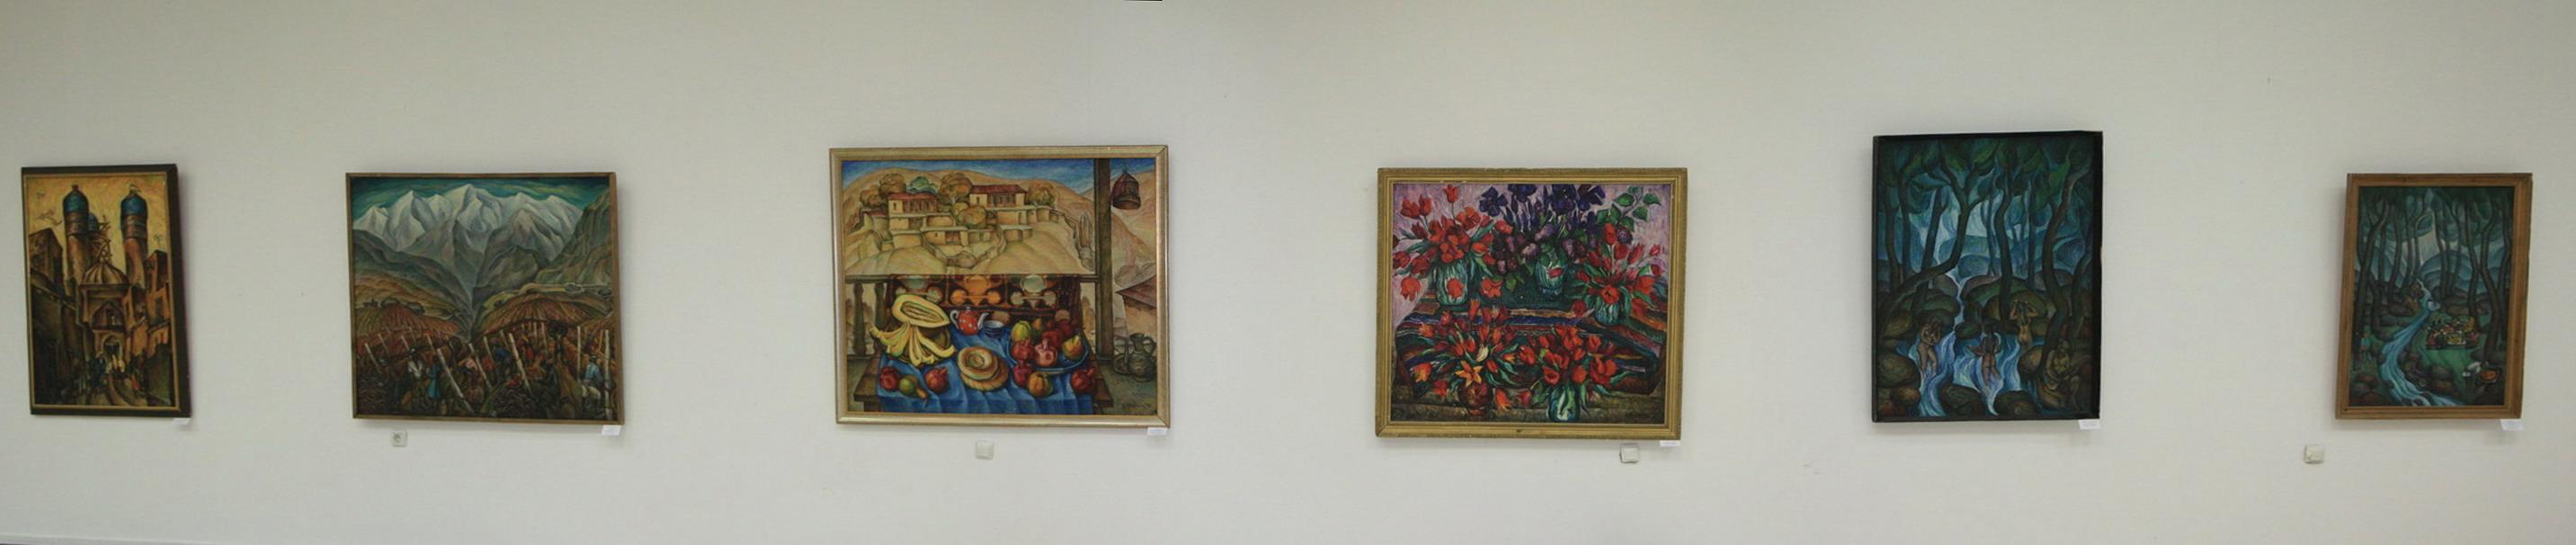 Экспозиция картин Талдыкина Юрия.